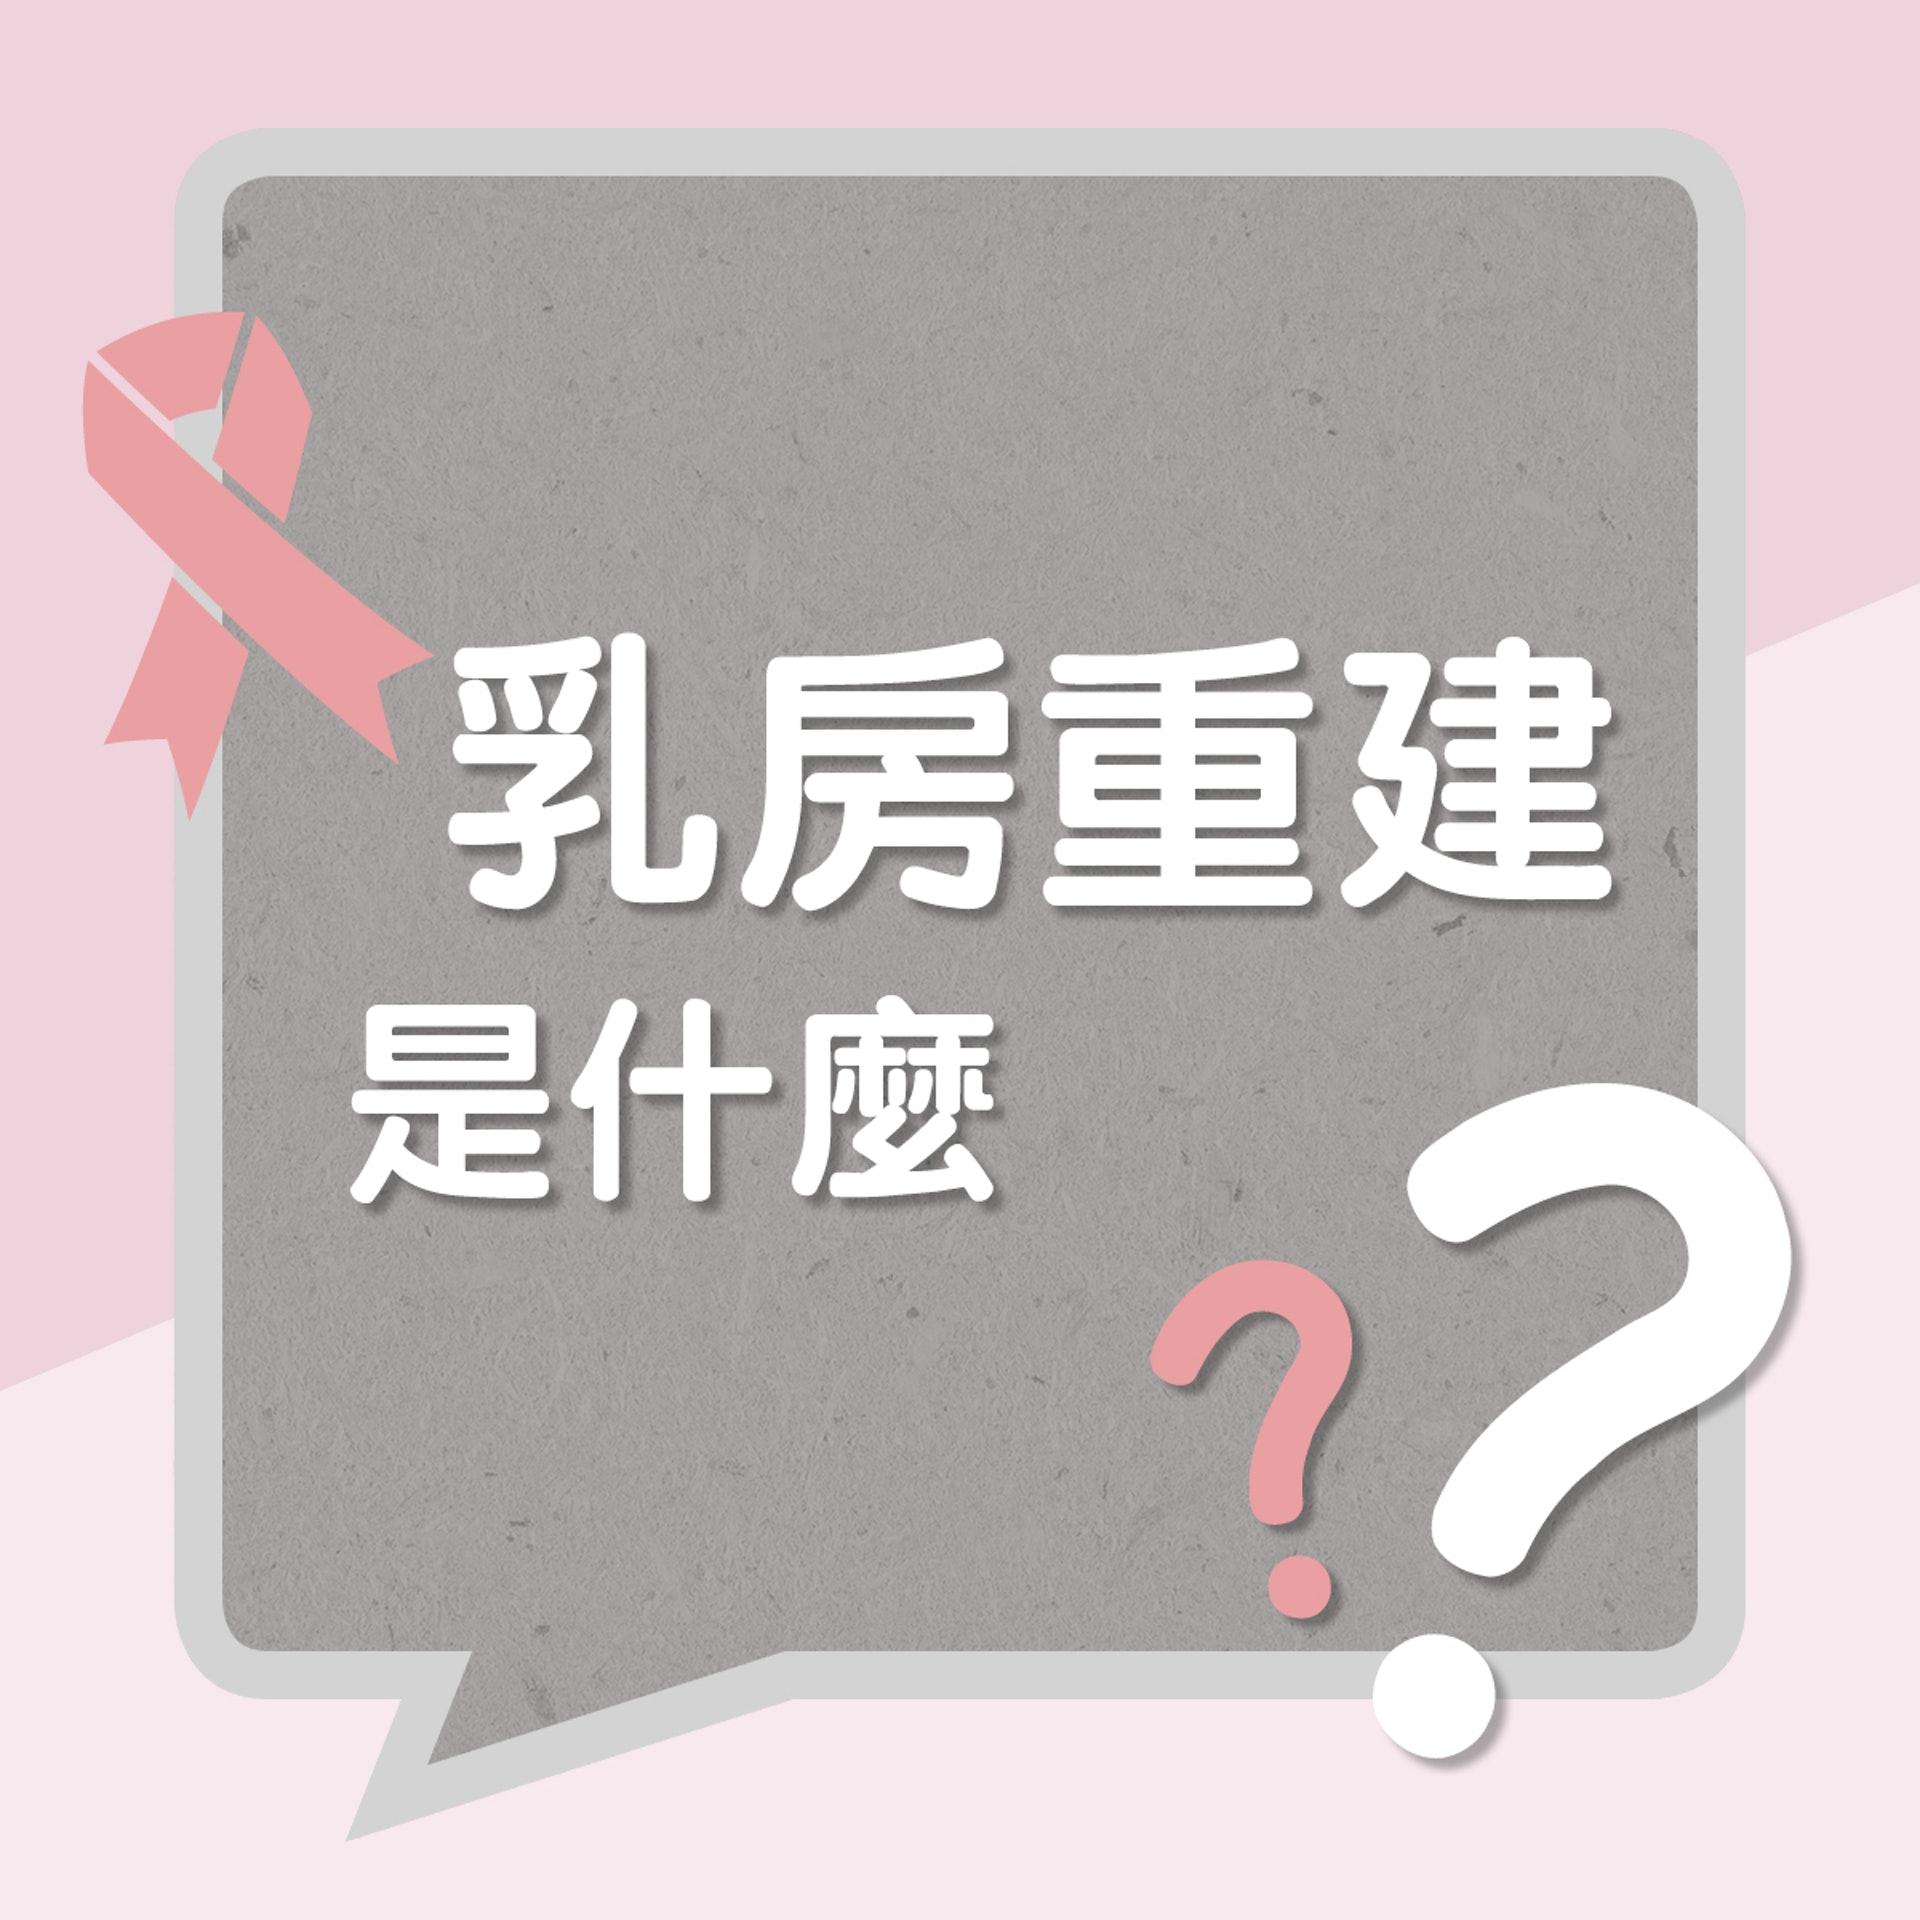 乳房重建是什麼?(01製圖)